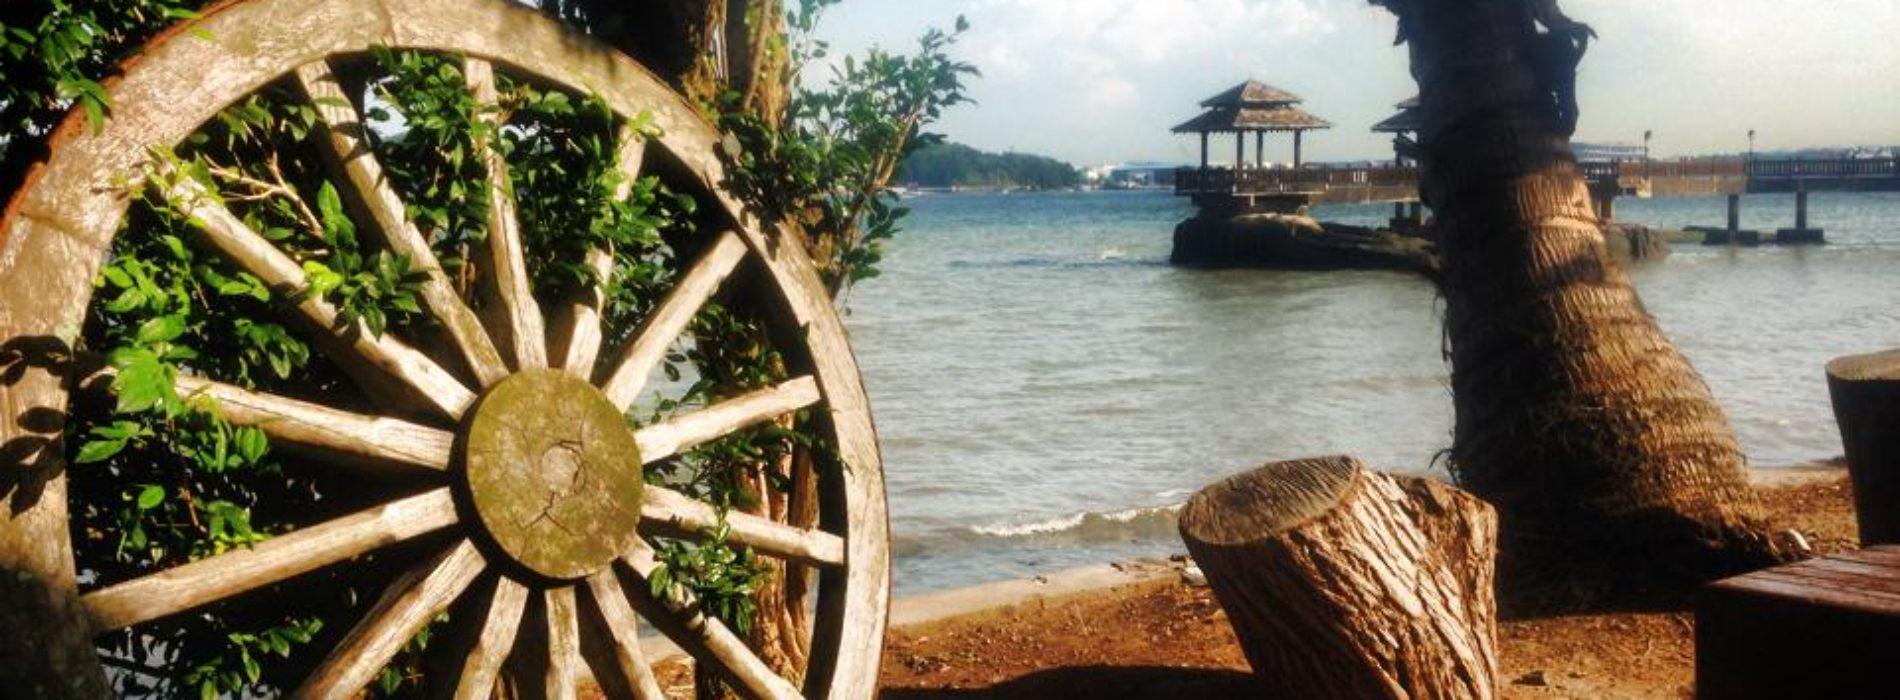 Destination de nomade : Pulau Ubin – Île sauvage en plein Singapour